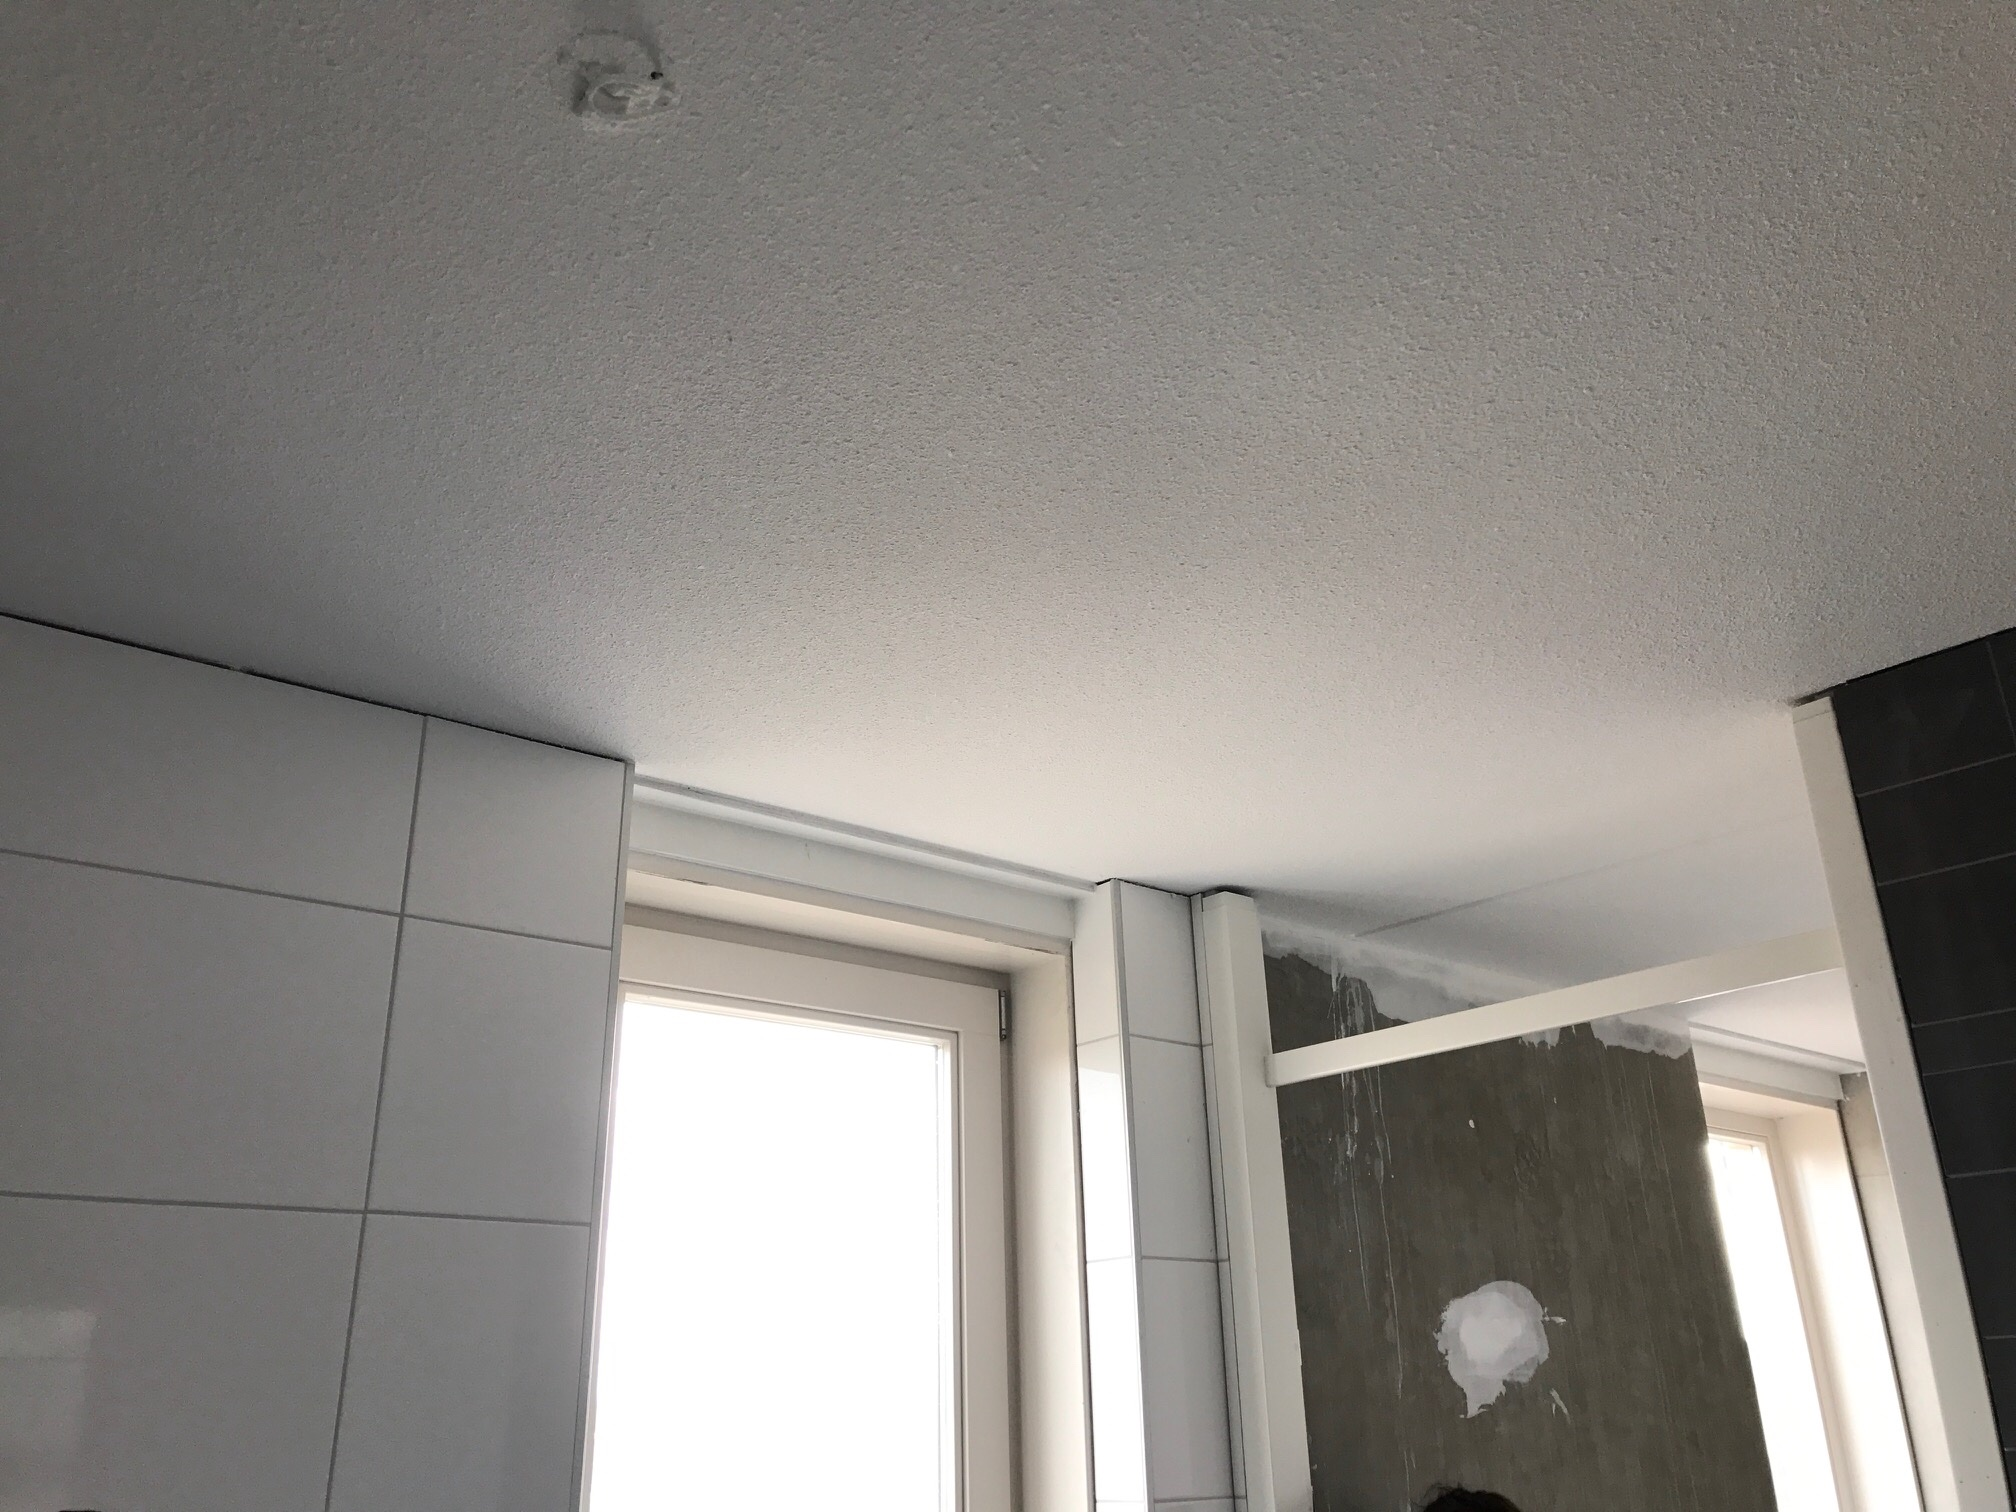 aanbrengen verlaagd plafond badkamer incl spots werkspot